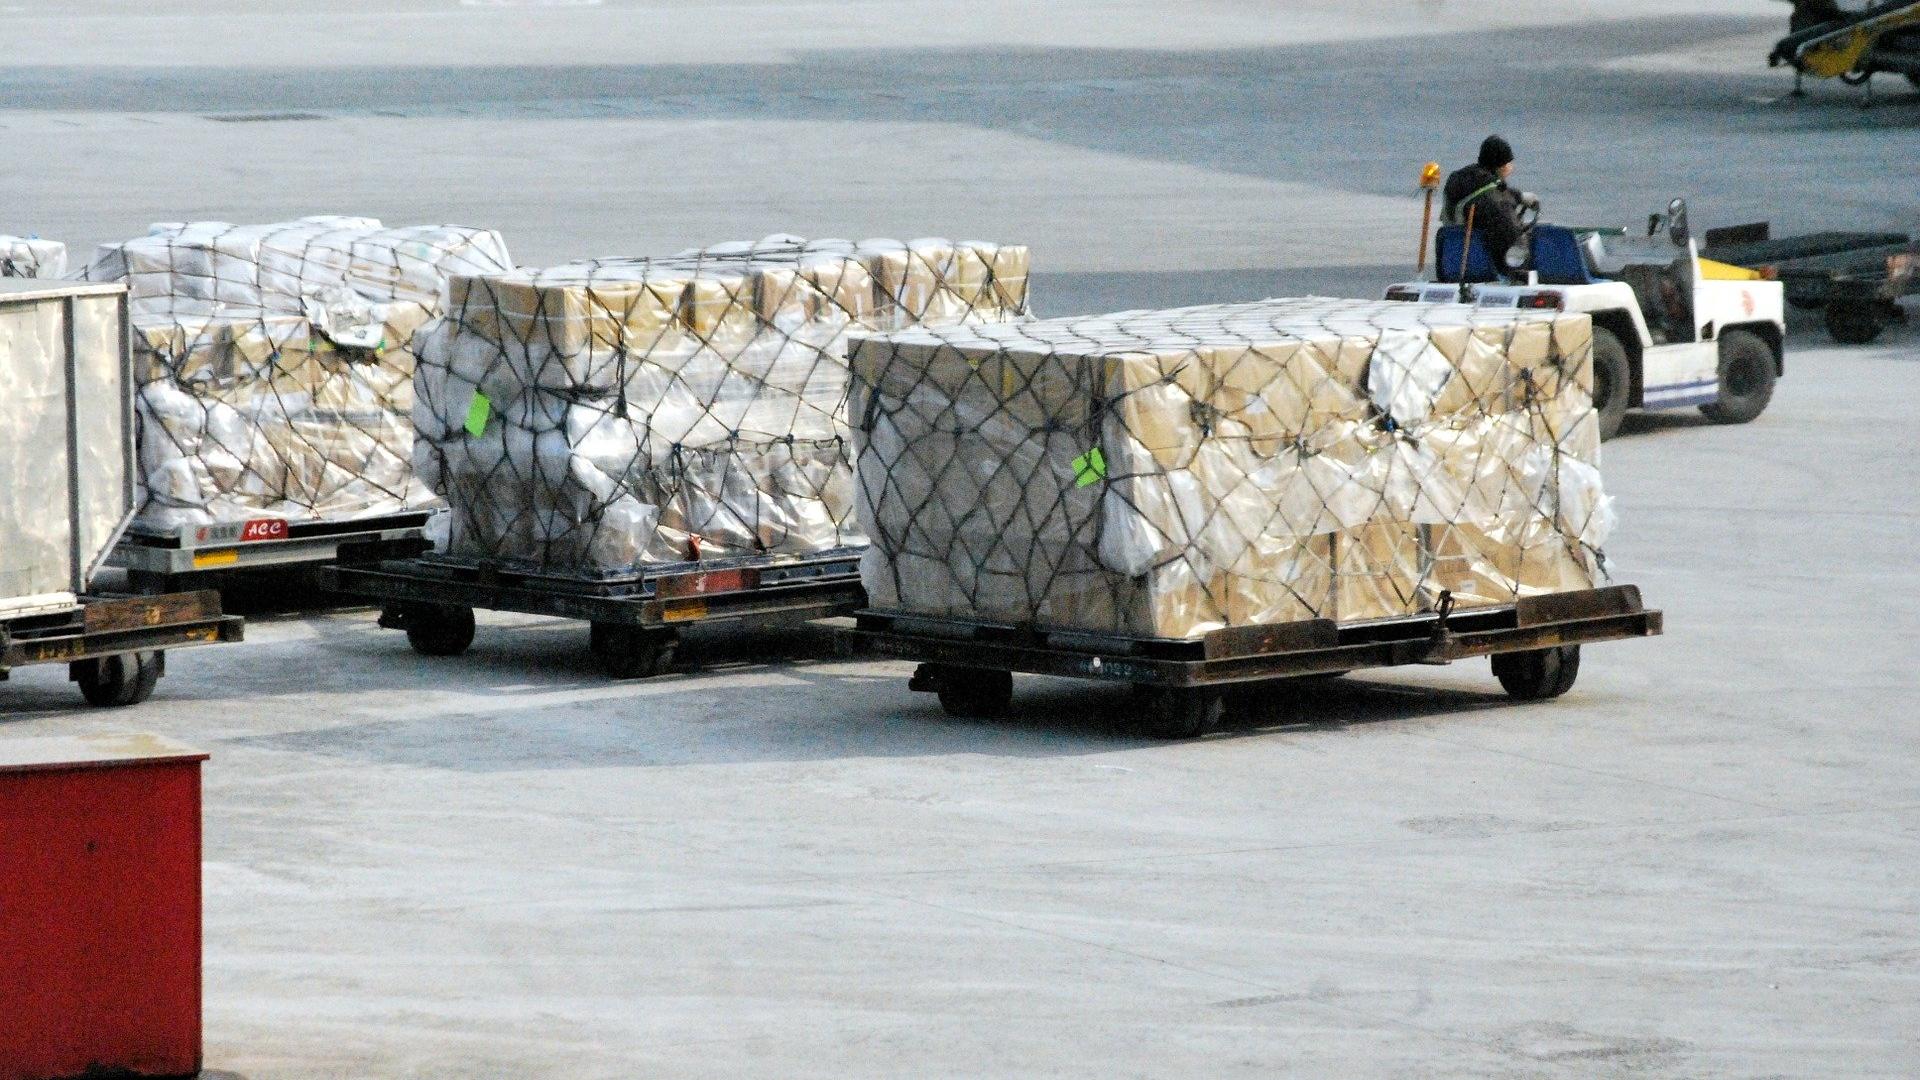 rodzaje opakowania do wysyłki przesyłki